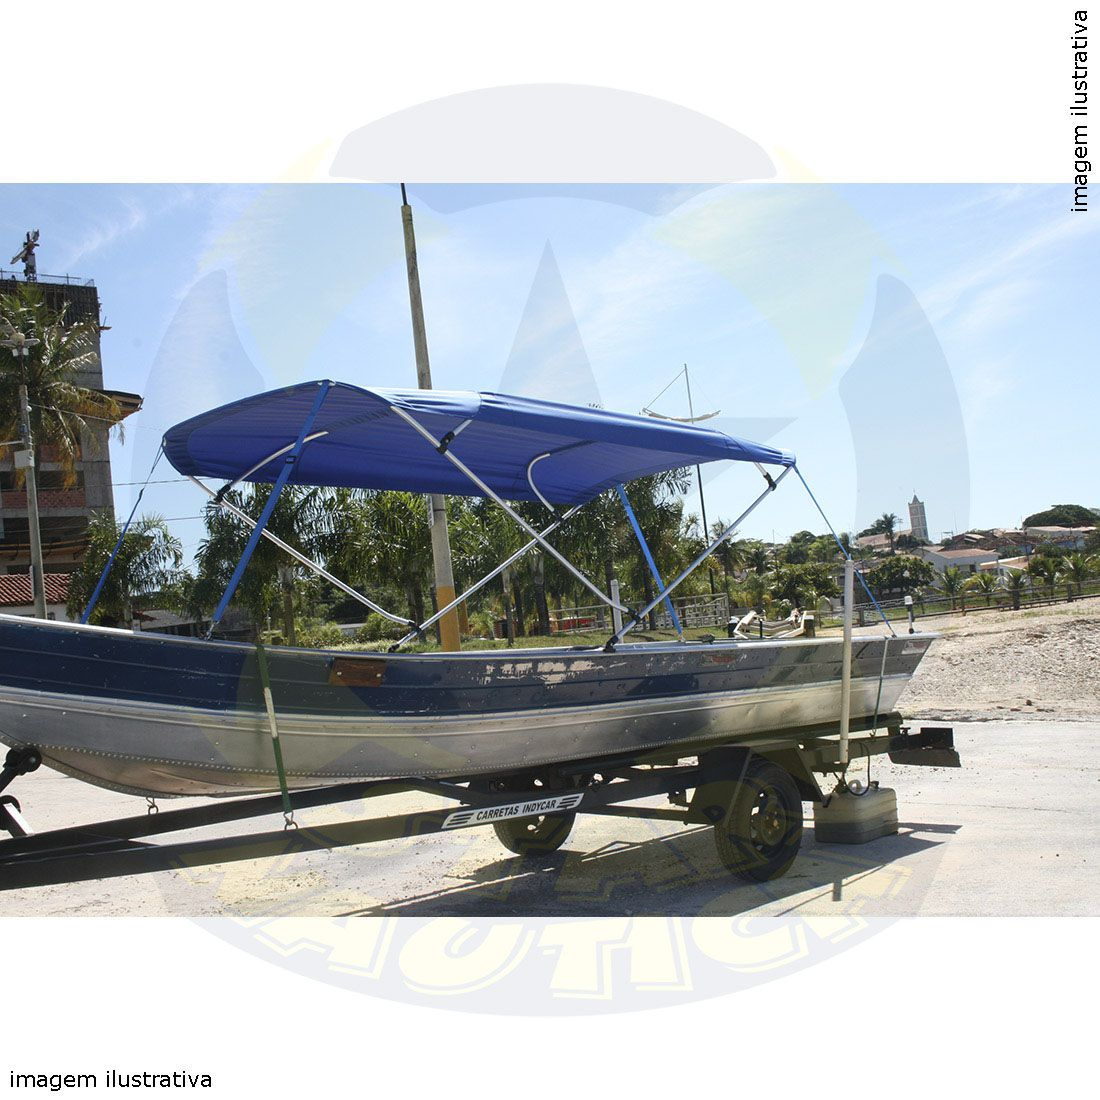 Capota Toldo Barco Squalus 600 Poliéster 4 Arcos Tubo 7/8